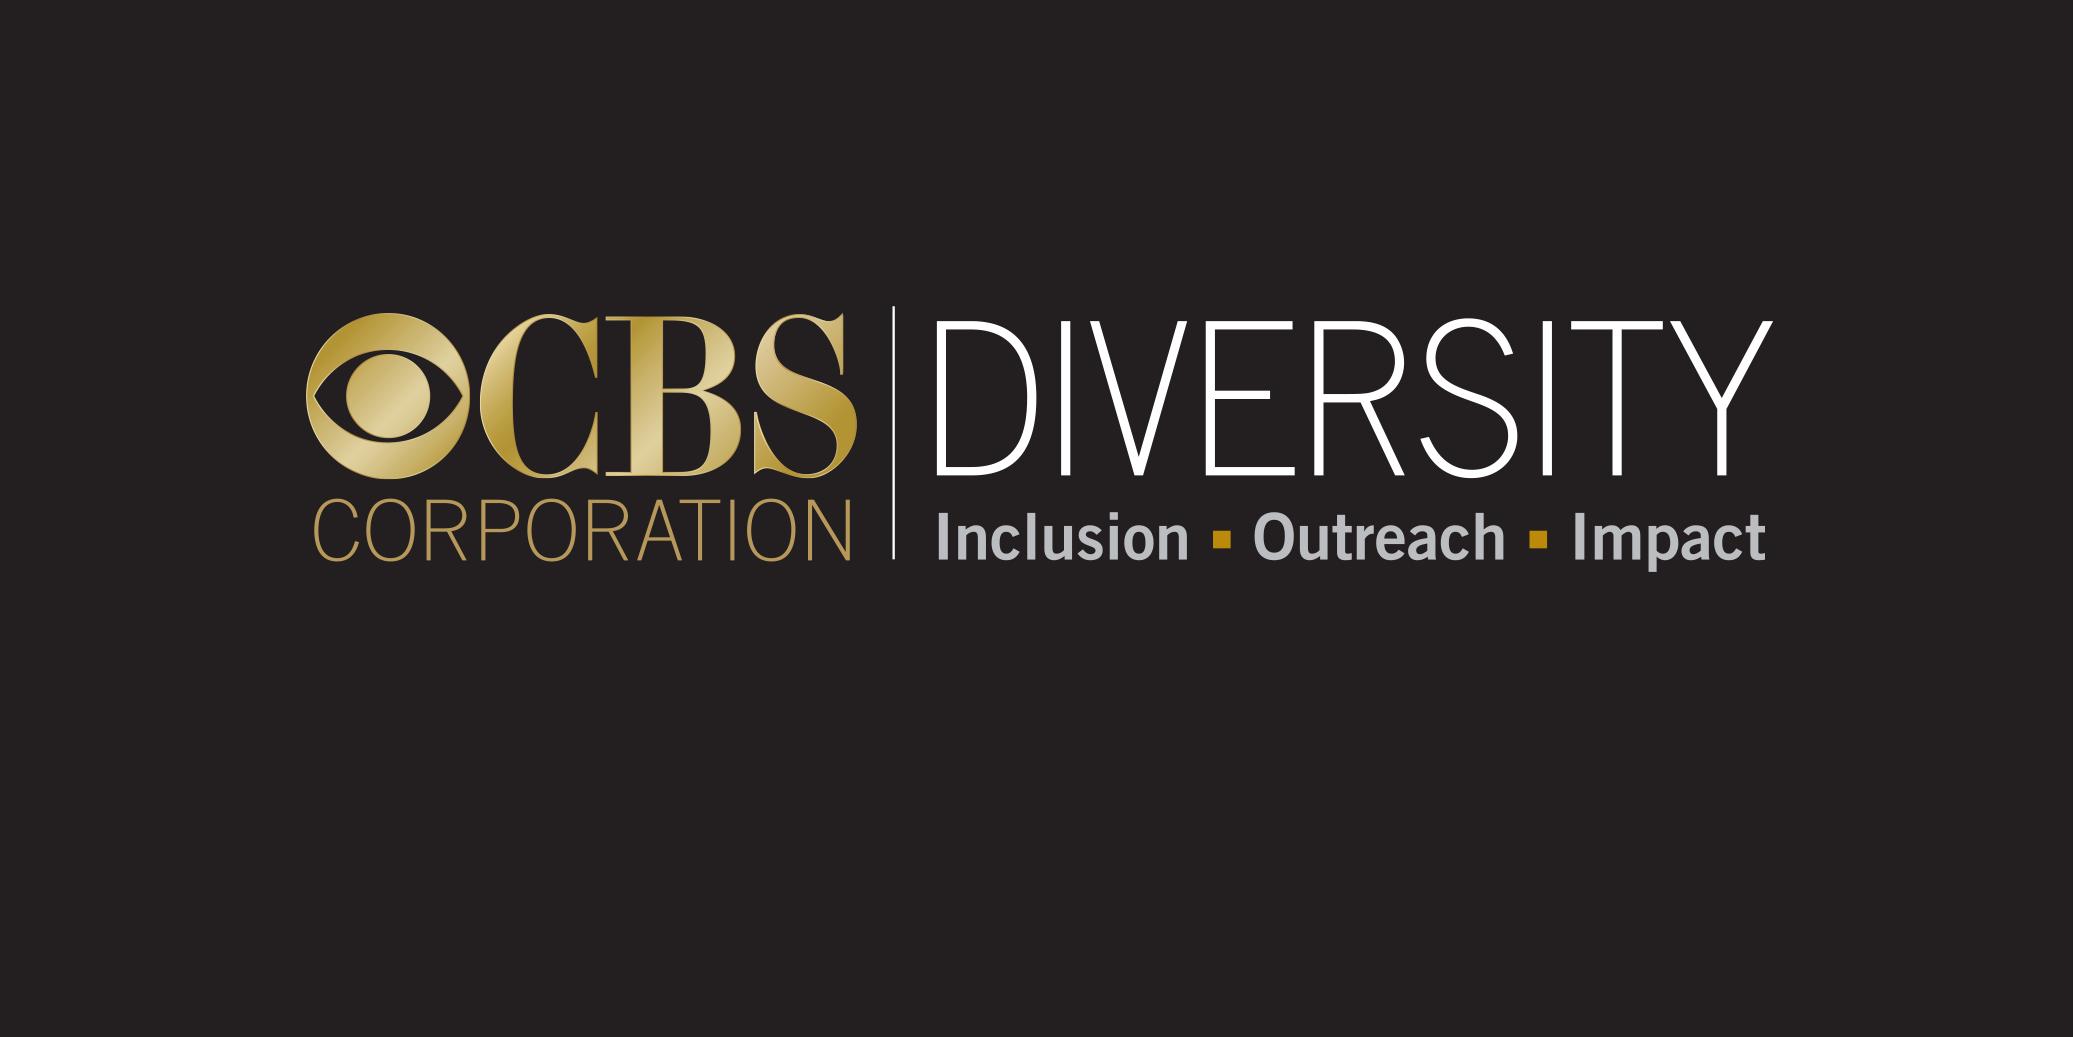 CBS_Corp_Diversity_on_Black